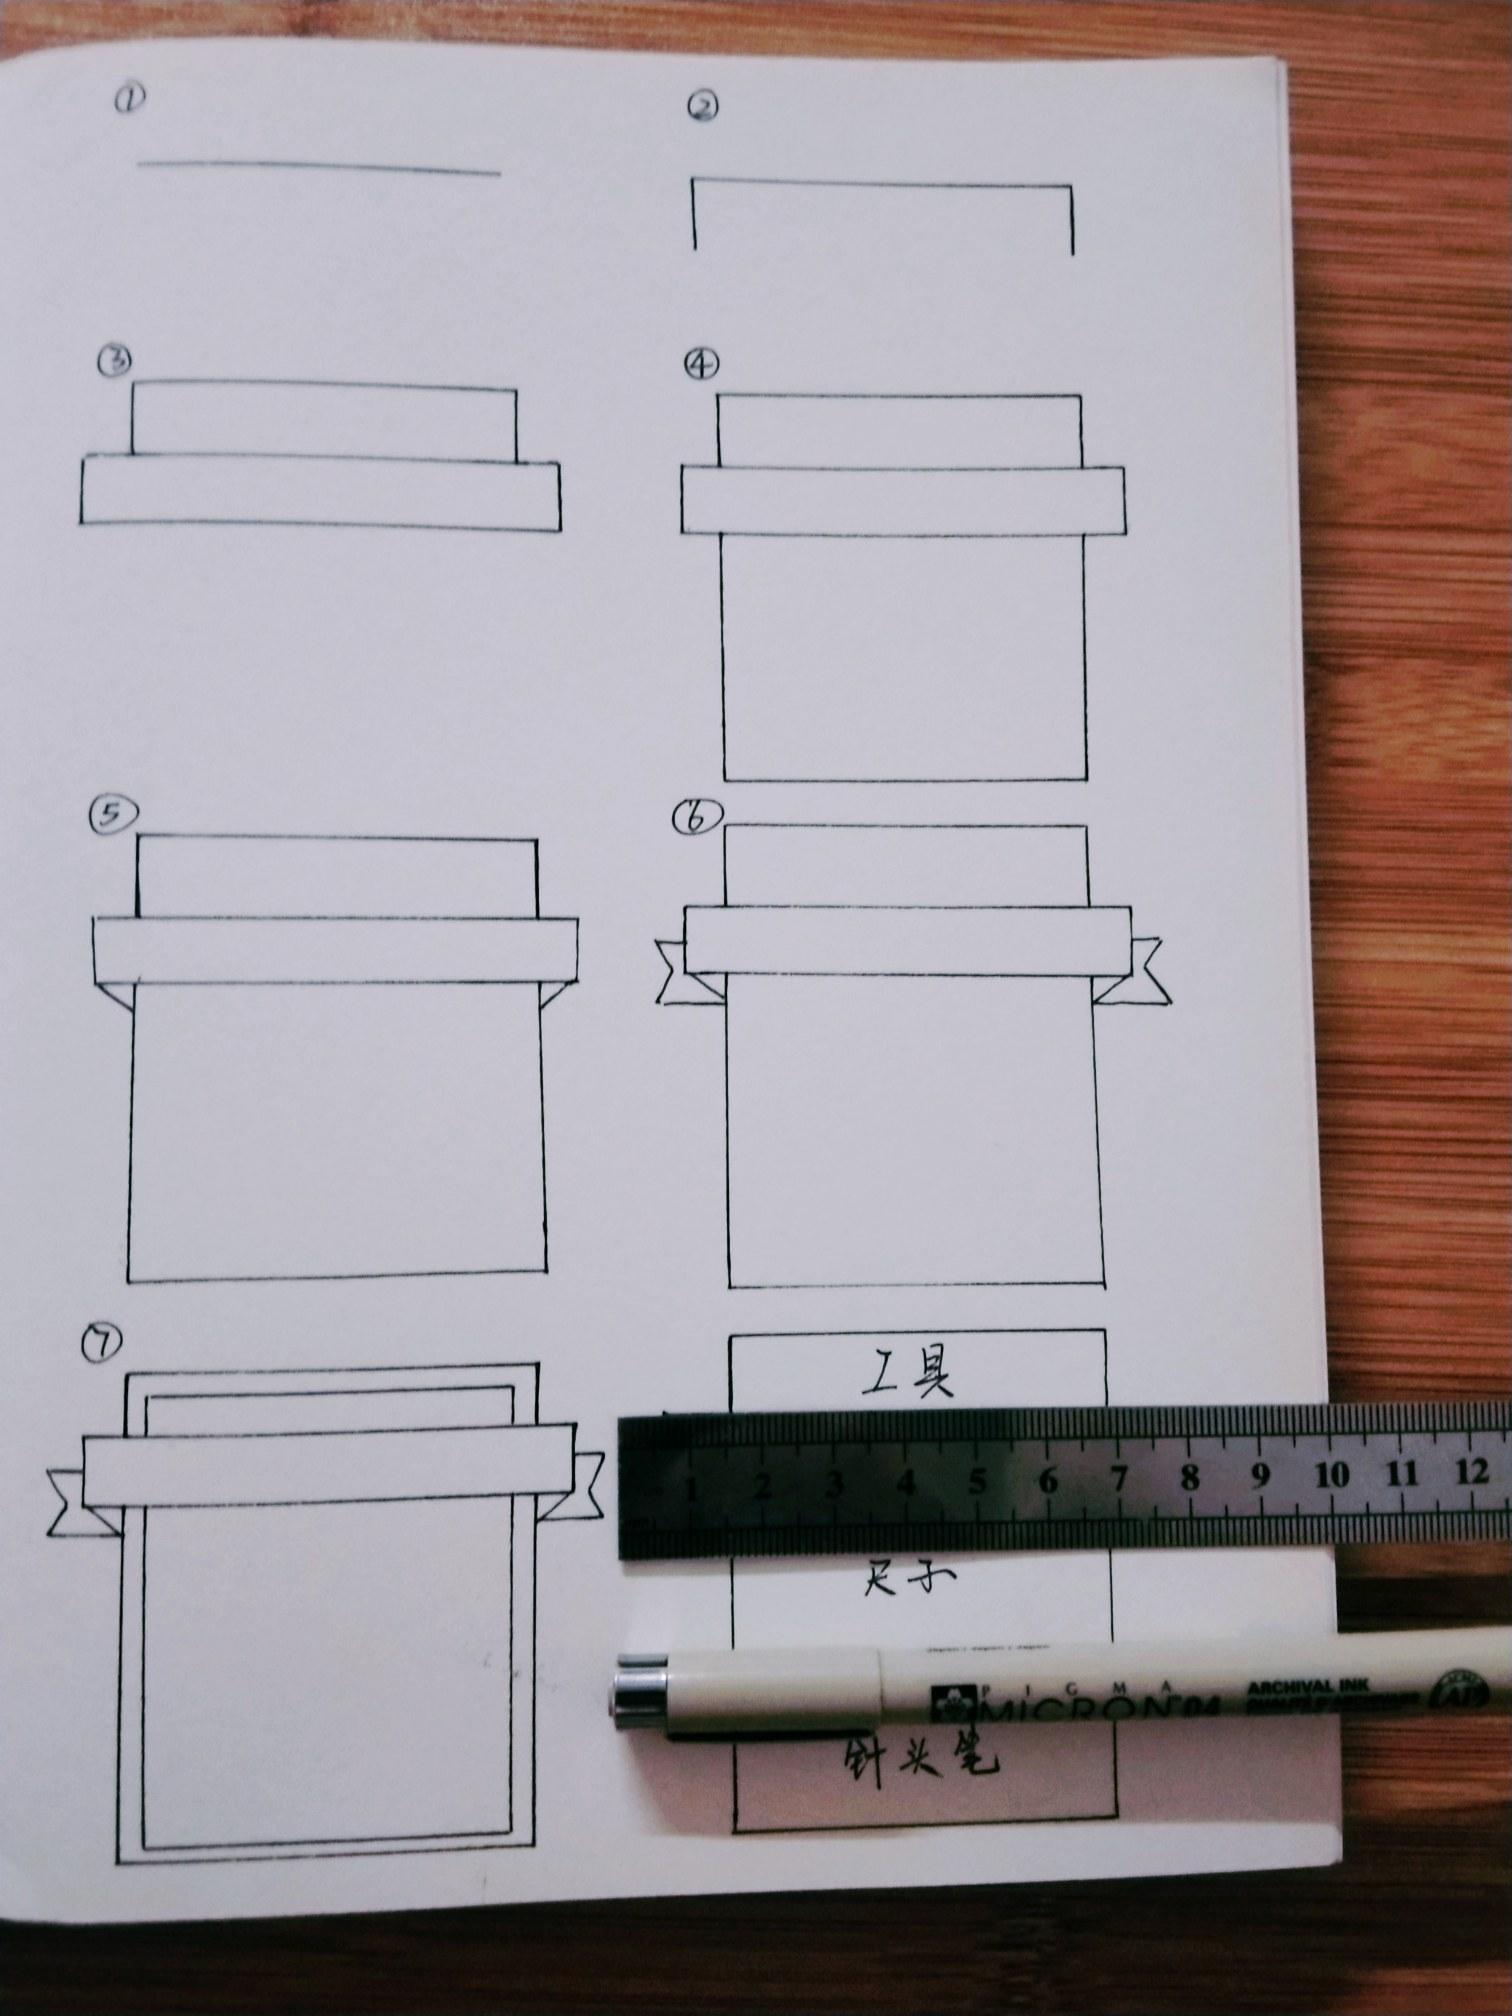 手帐 阿宅喵·简笔画|手帐边框P1:..., 手帐工具